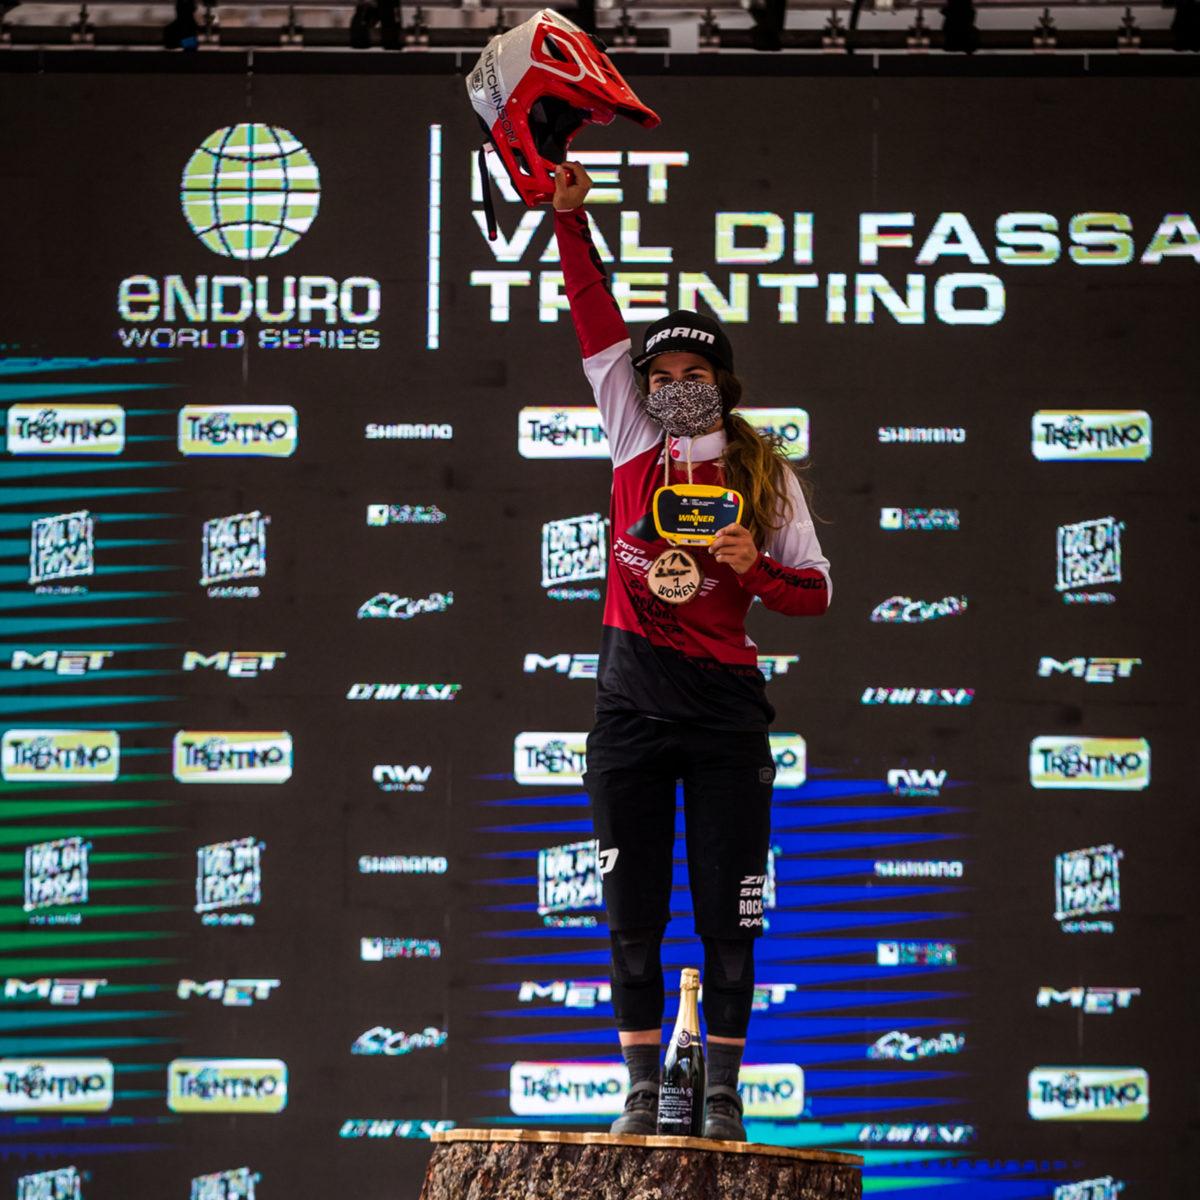 Victoire d'Isabeau Courdurier EWS#1 Val di Fassa